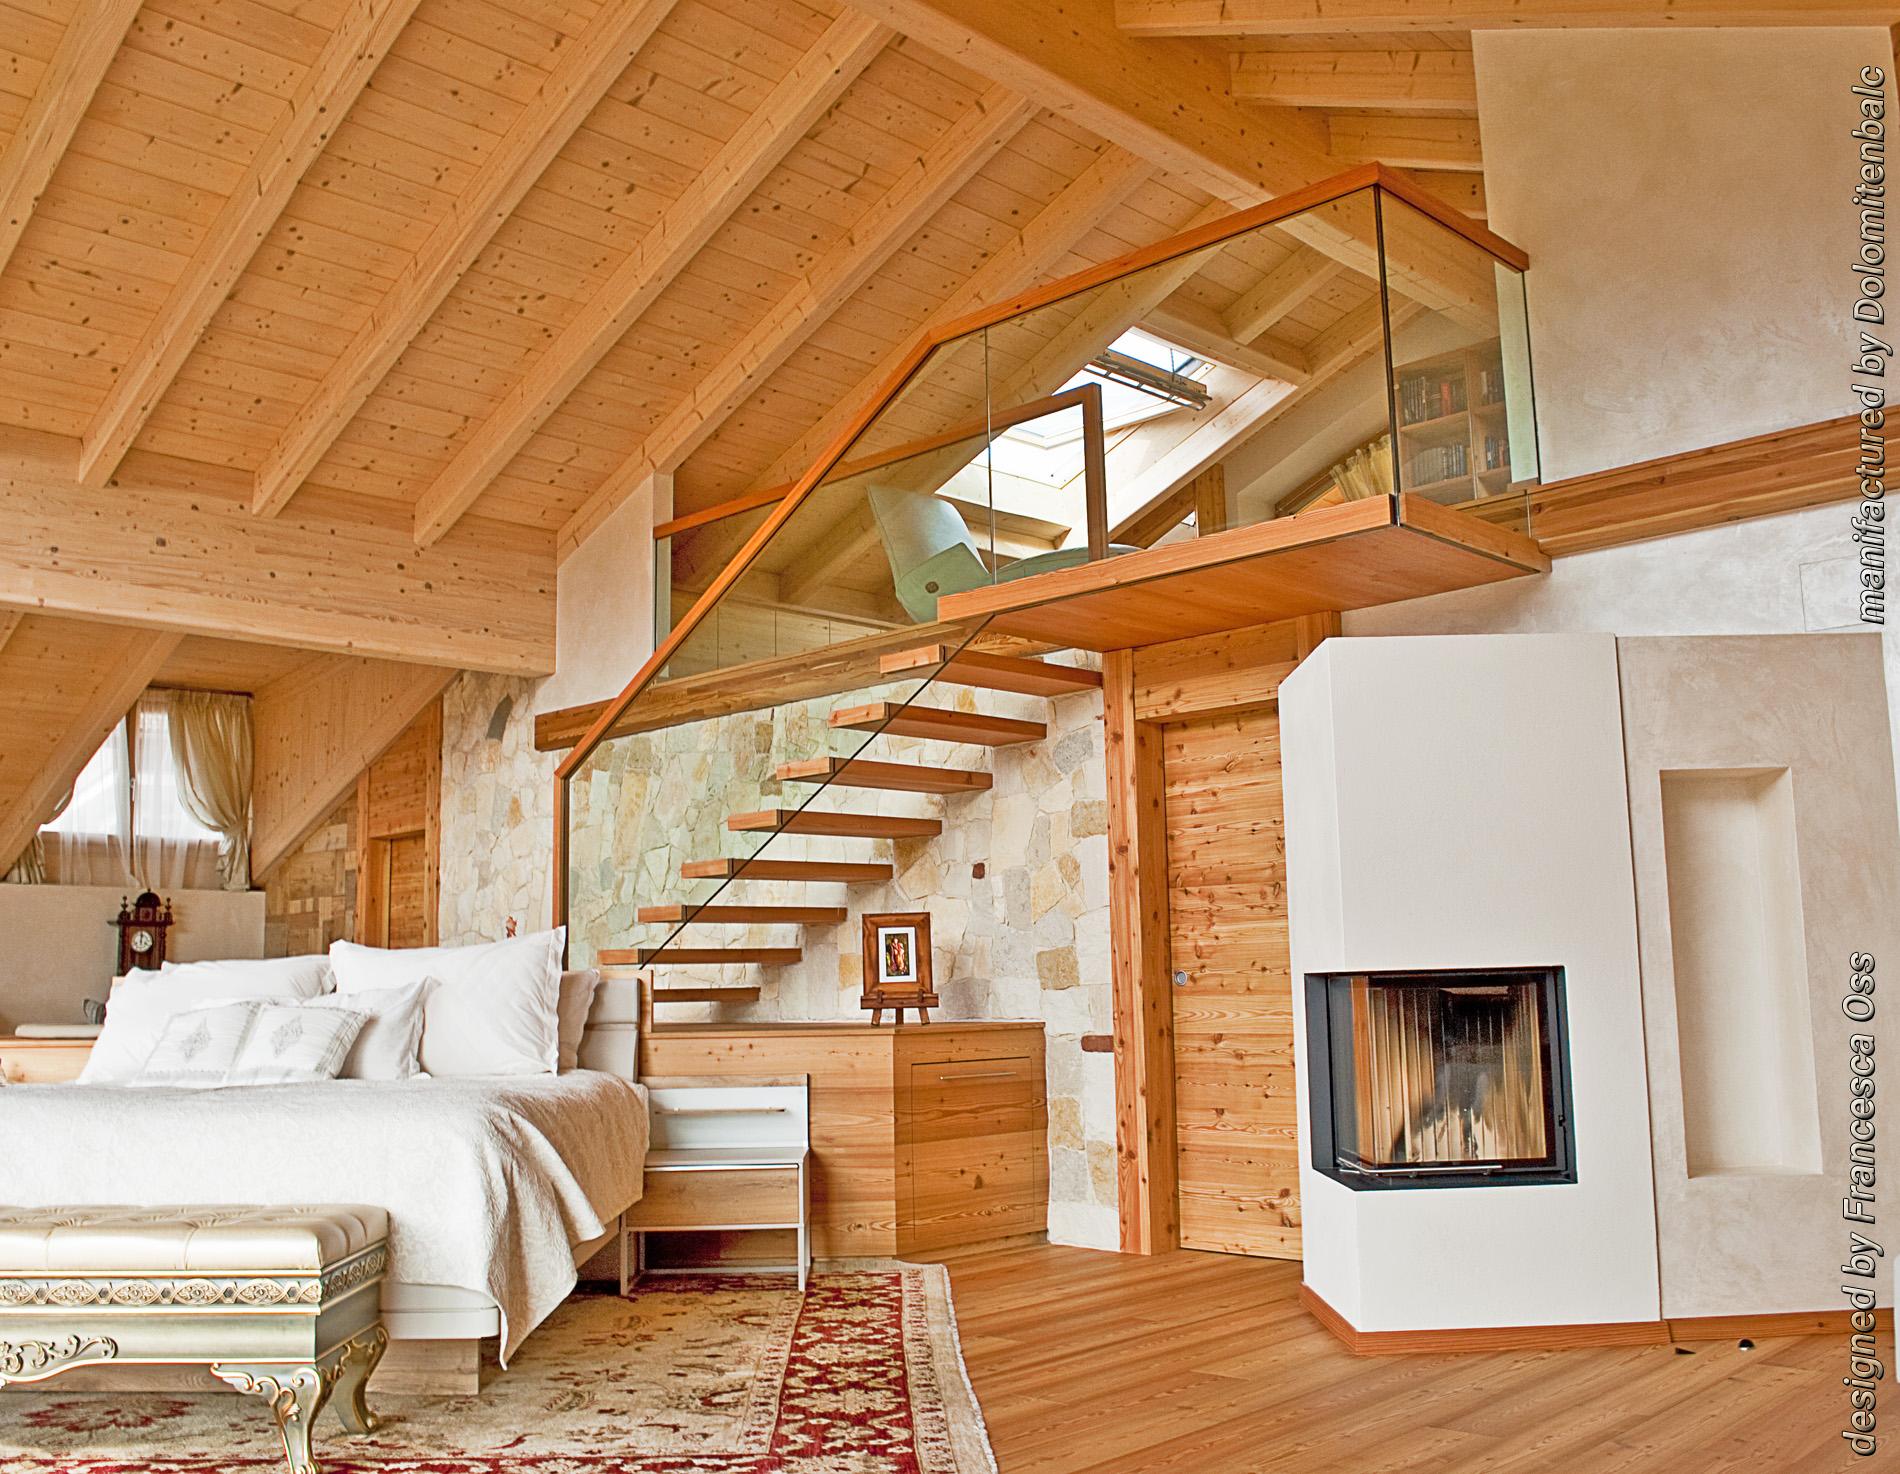 Scaletta In Legno Per Soppalco : Luxury home in val di fiemme mansarda in legno scale in legno